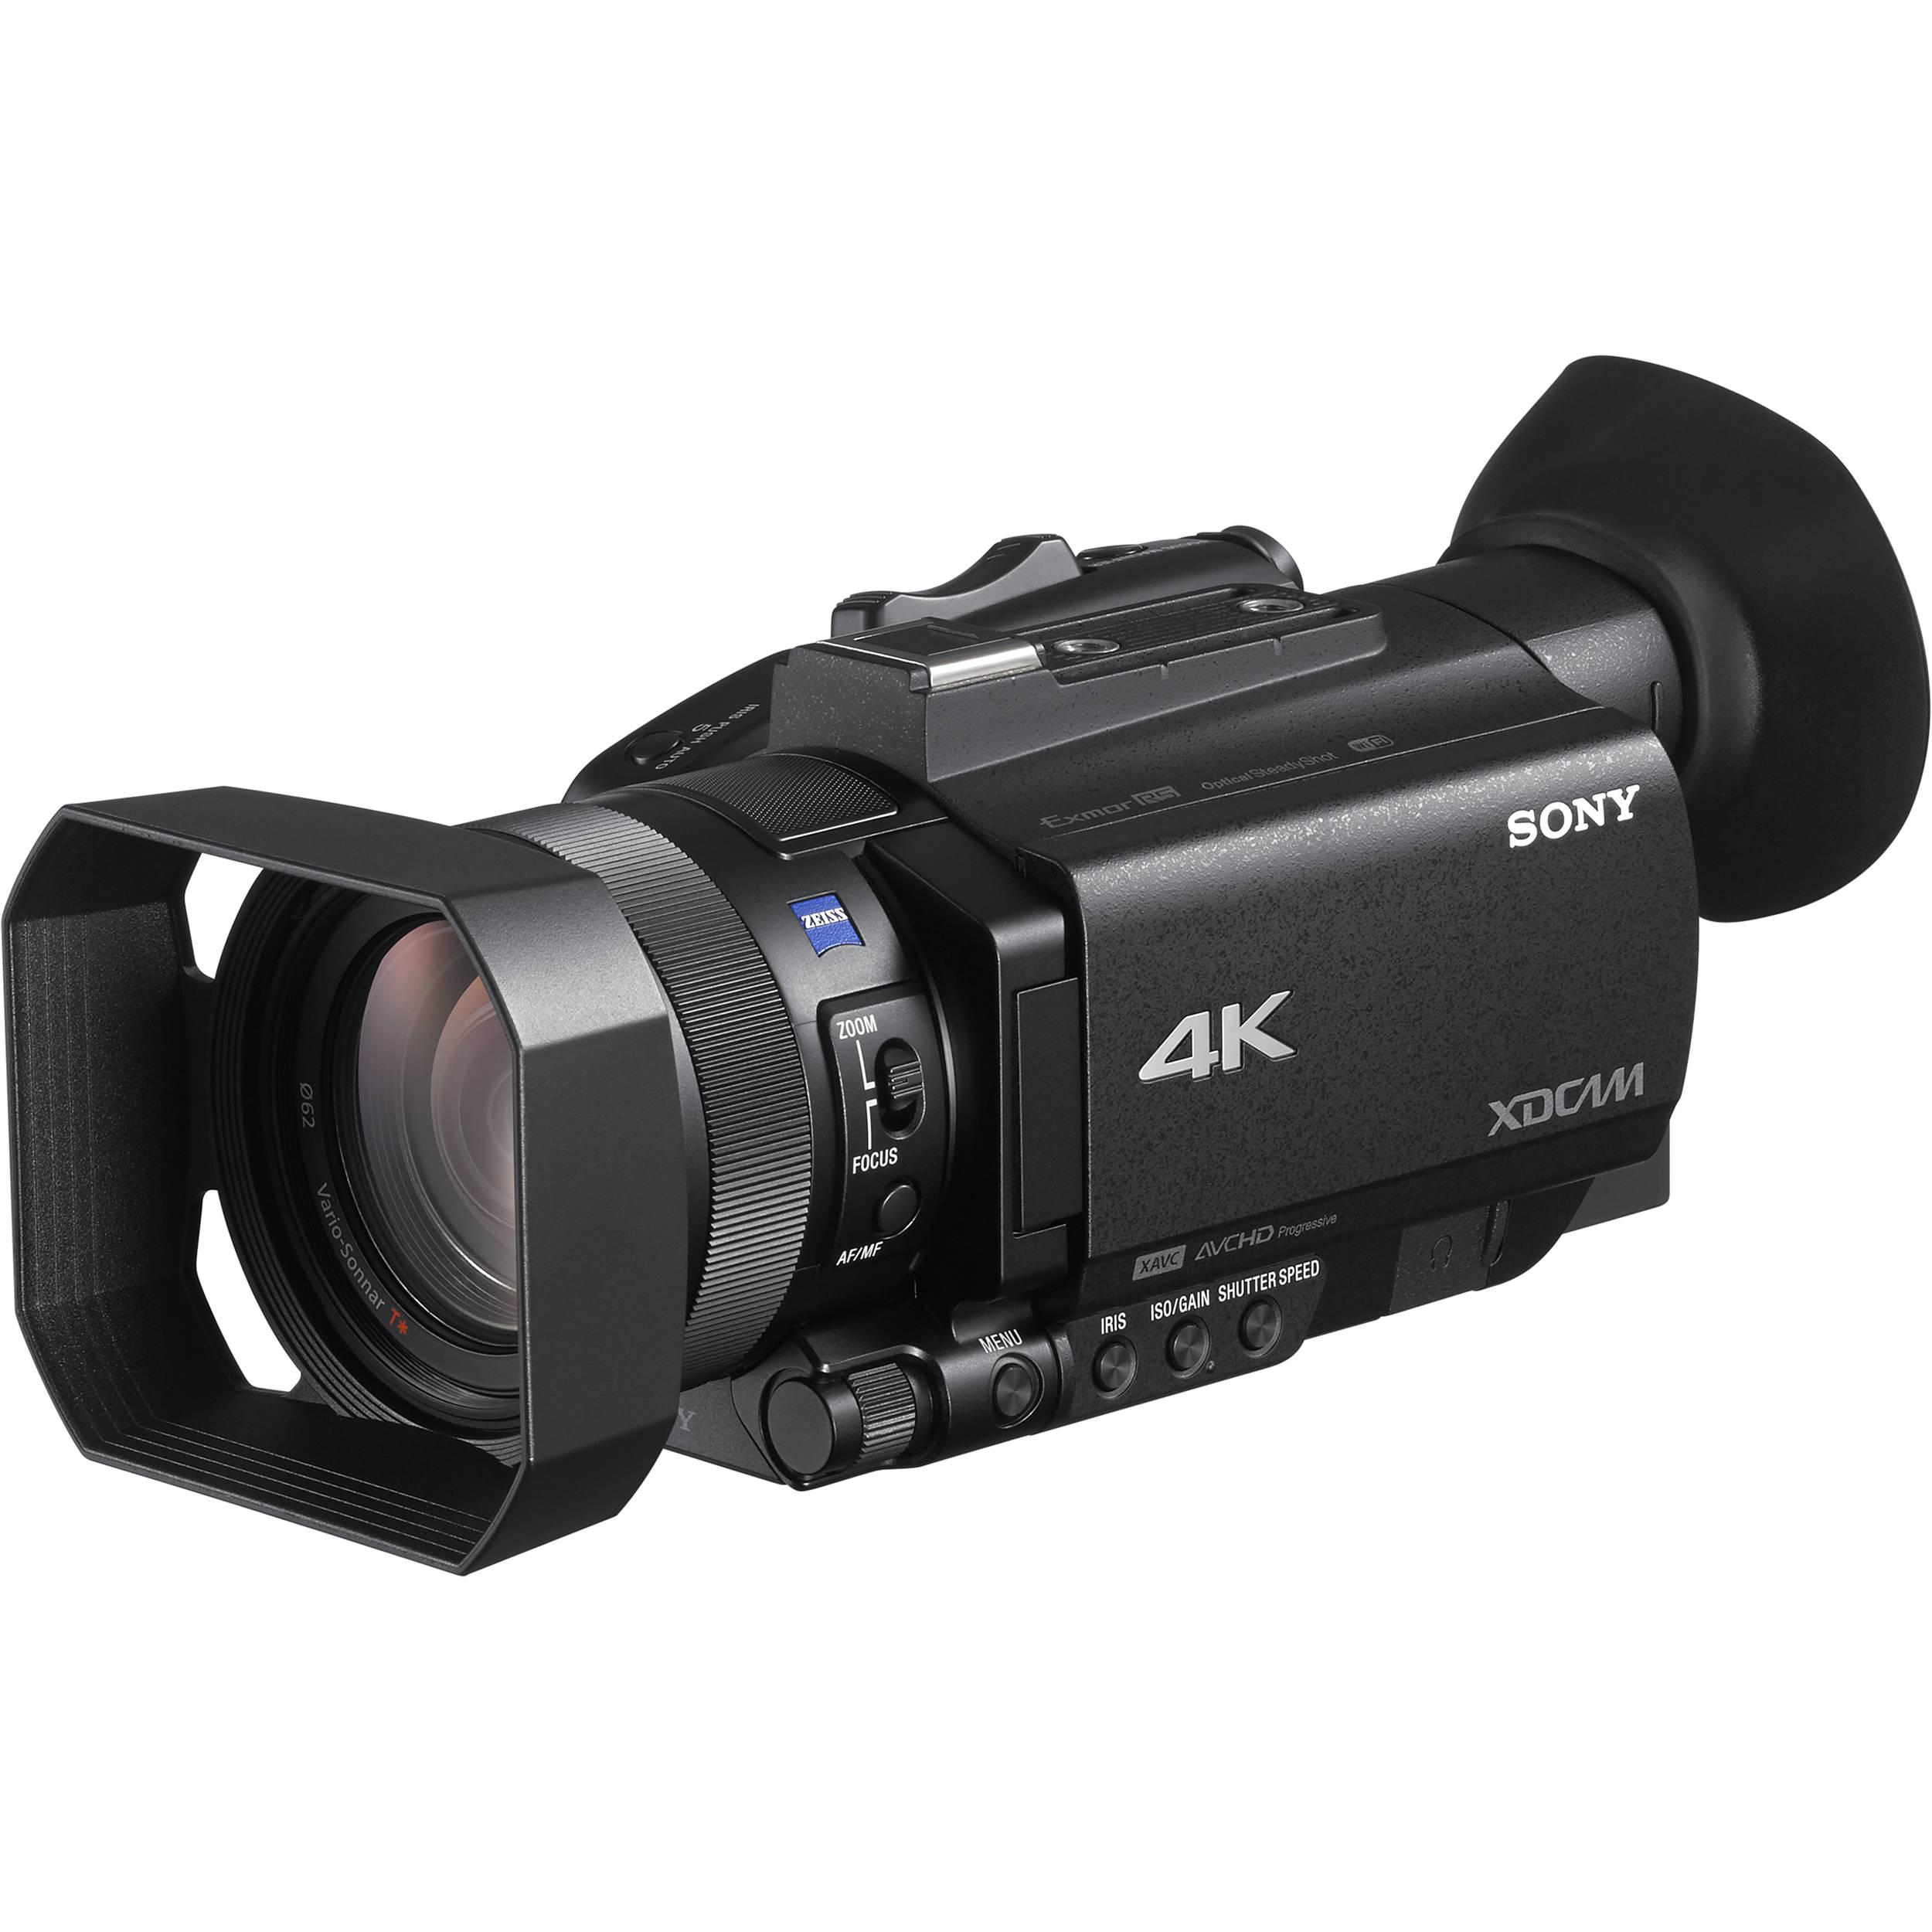 PXW-Z90V NXCAM Camcorder HXR-NX70P HXR-NX80 HXR-NX30E HXR-NX30U HXR-NX70U HXR-NX70E HXR-NX70 AC Adapter Power Supply for Sony HXR-NX30